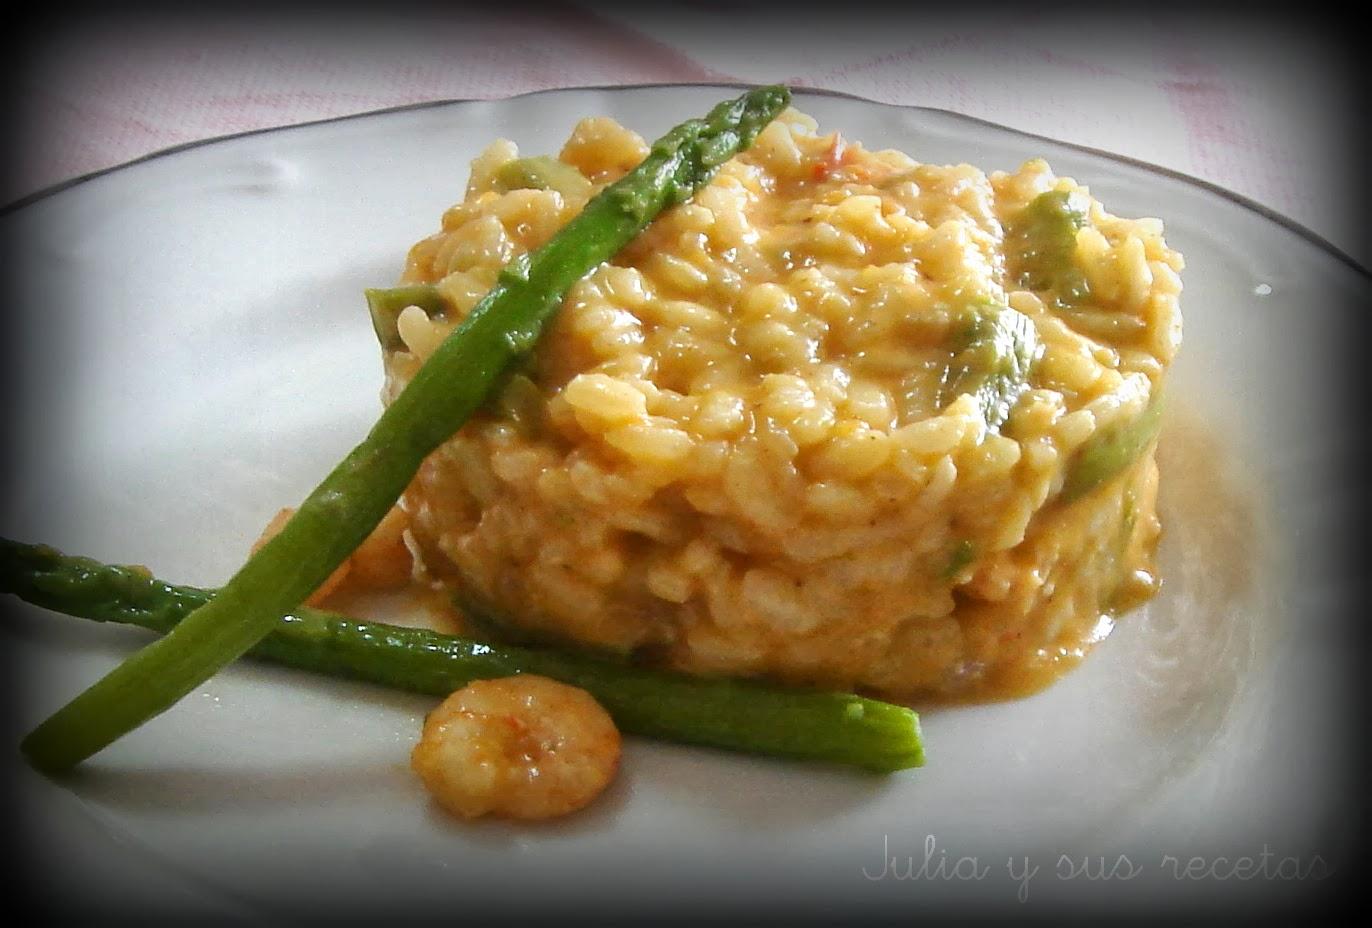 Julia y sus recetas risotto de esp rragos y gambas - Comidas con esparragos ...